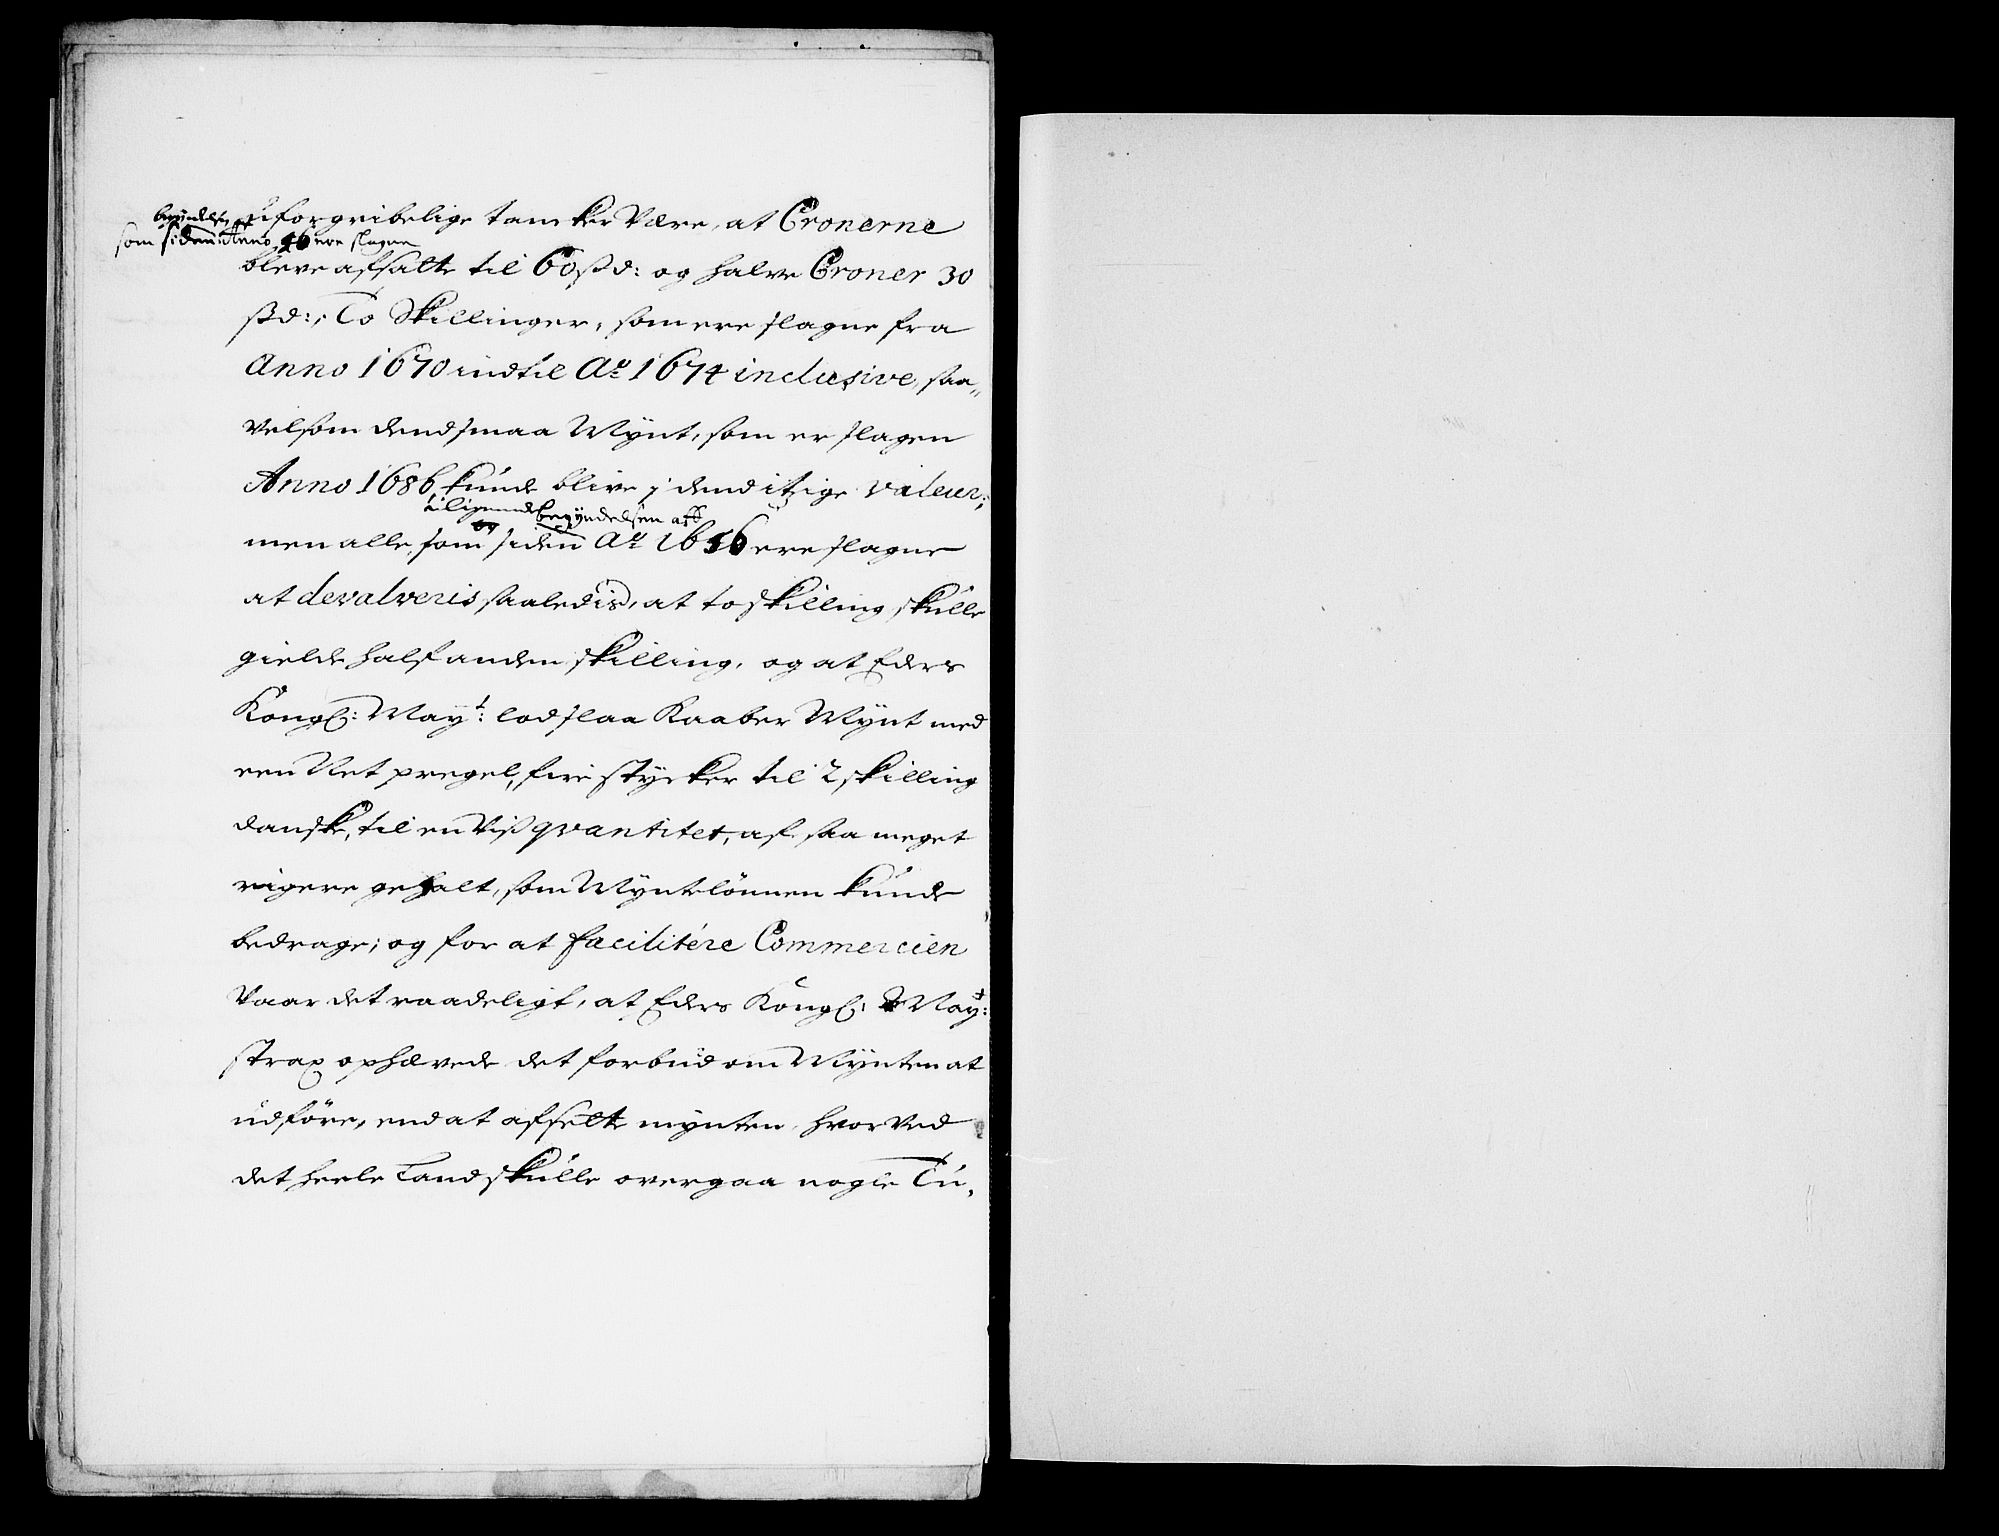 RA, Danske Kanselli, Skapsaker, G/L0019: Tillegg til skapsakene, 1616-1753, s. 340